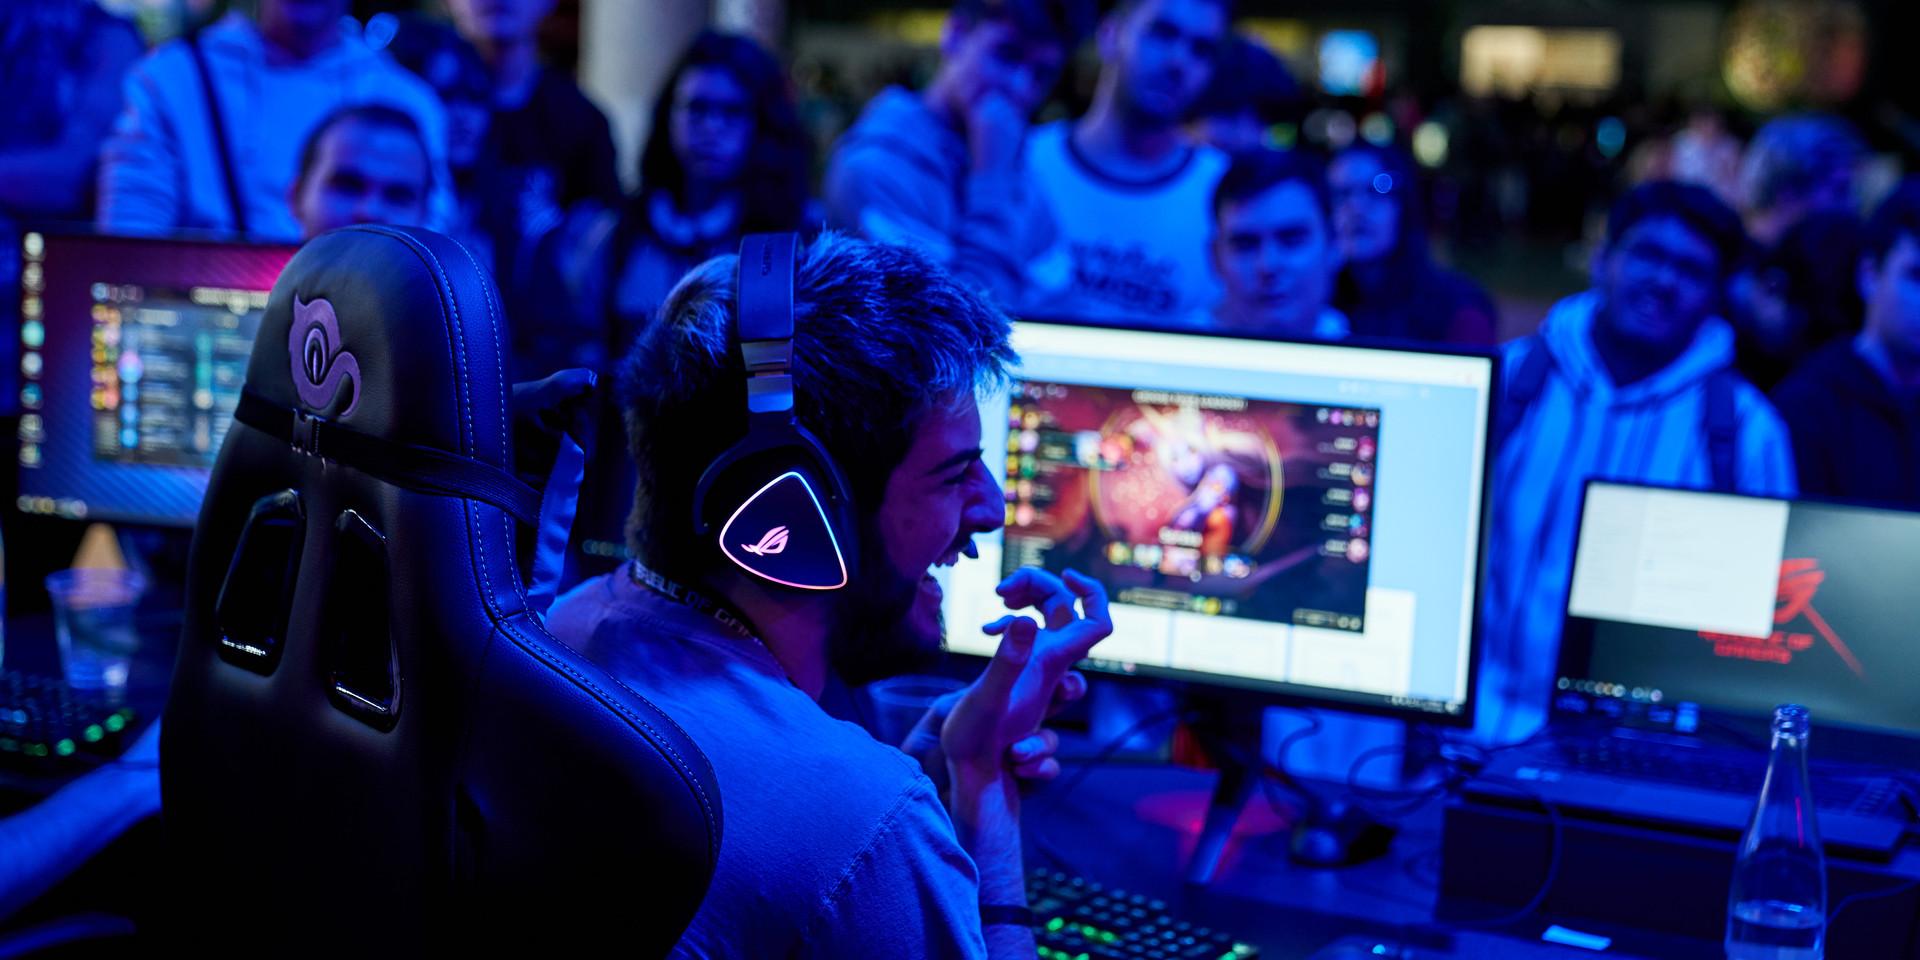 FOTOGRAFÍA  Y VIDEO EVENTO NICEONEBARCELONA N1B REPUBLIC OF GAMERS GAMING EVENT_19